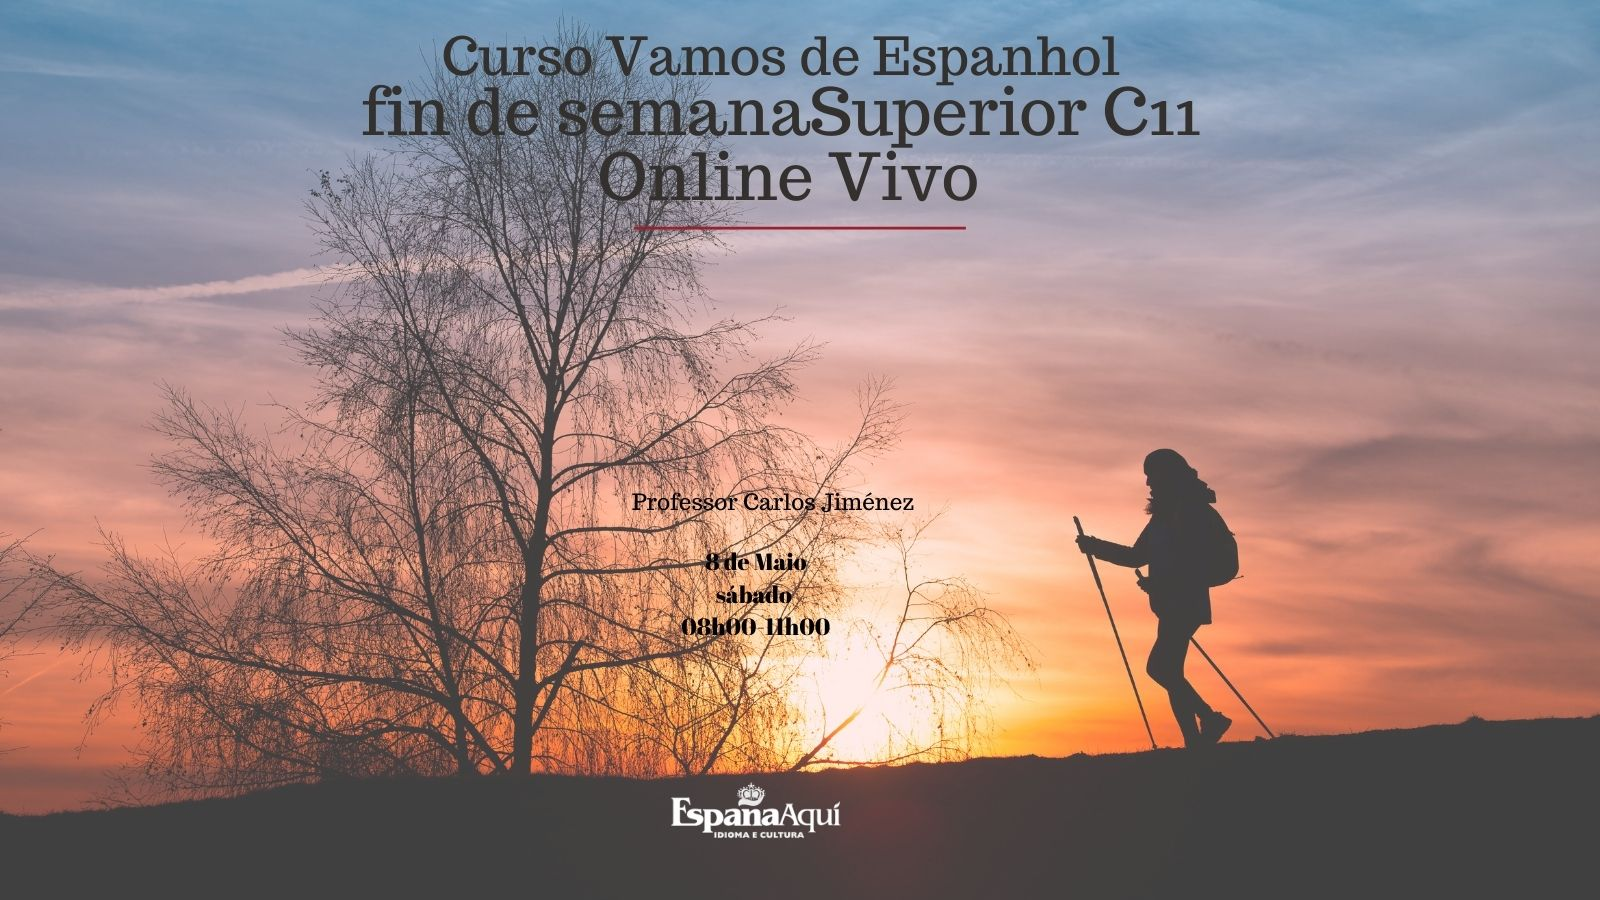 http://www.espanaaqui.com.br/pdf/maio2021/fin%20de%20semana%20C11%208%20de%20maio.jpg